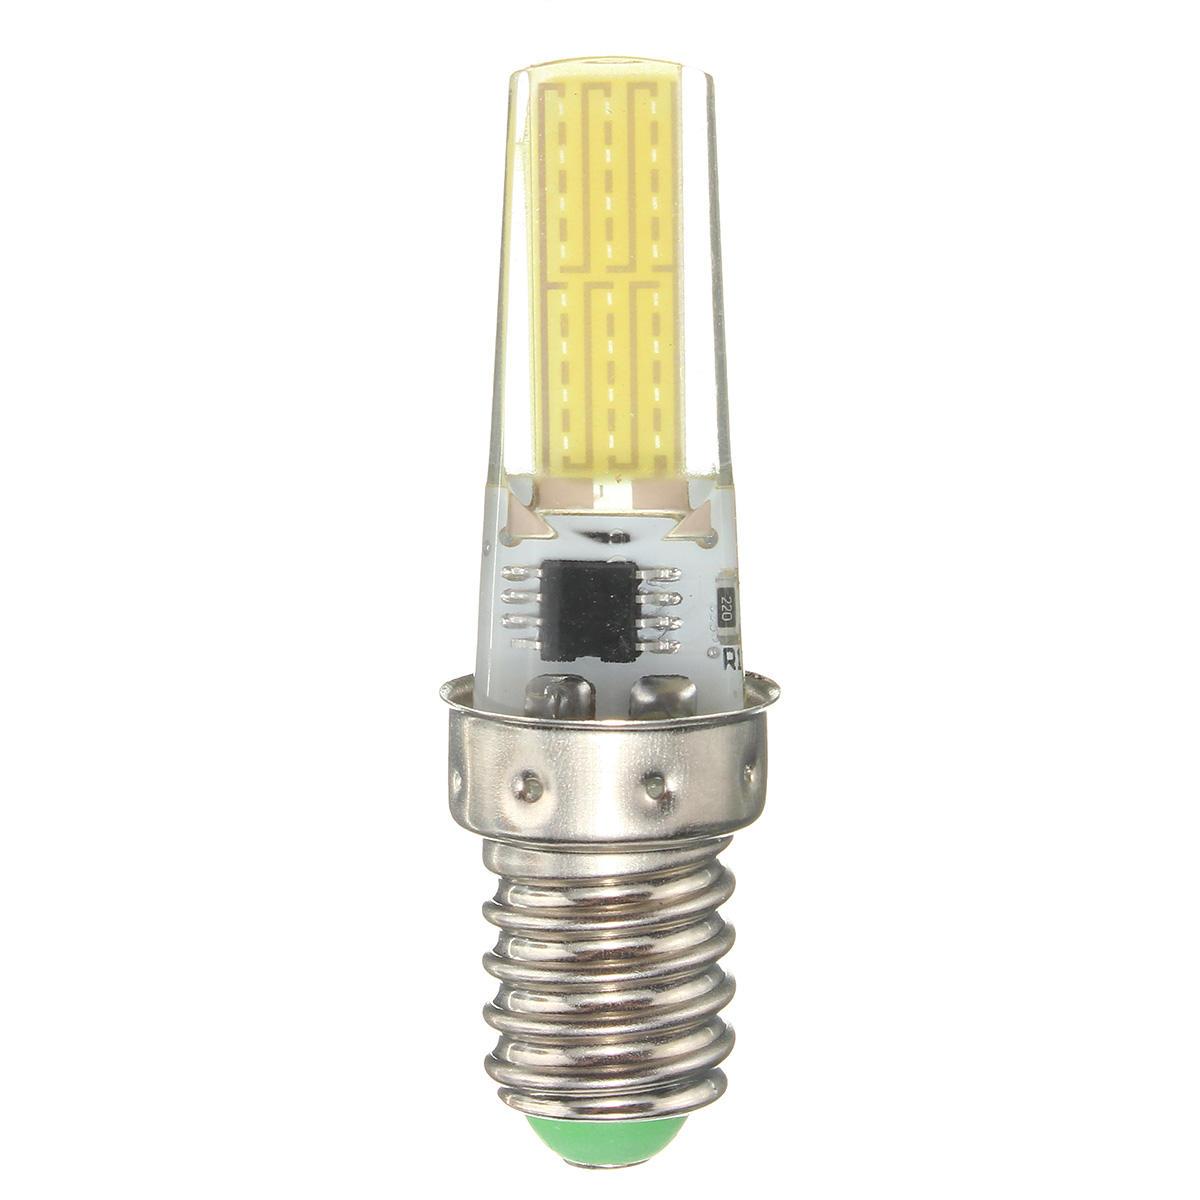 Dimmable E11 E12 E14 E17 G4 G8 G9 BA15D 2.5W LED COB Silicone Pure White Warm White Light Bulb 110V - 9